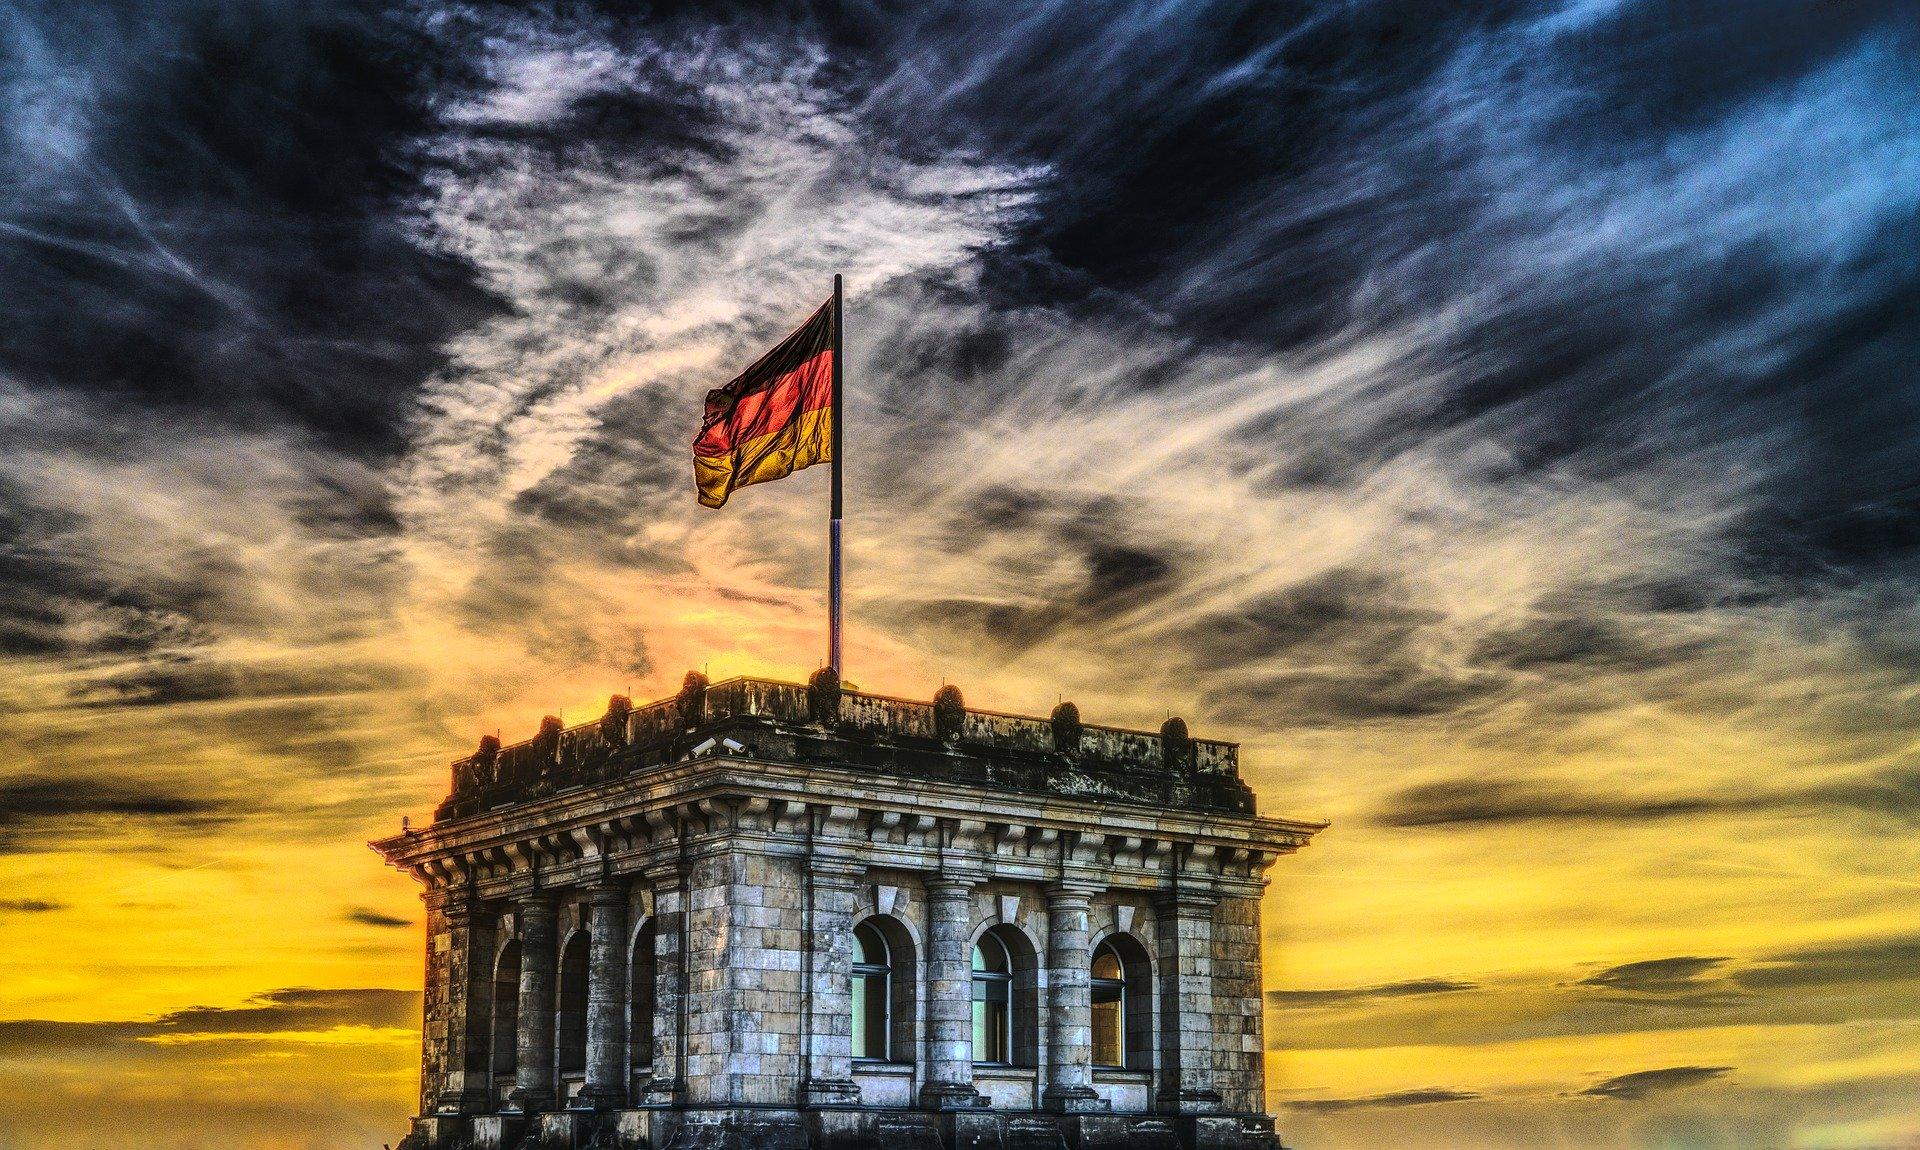 gebäude_bundestag_deutschland_politik_flagge_fahne